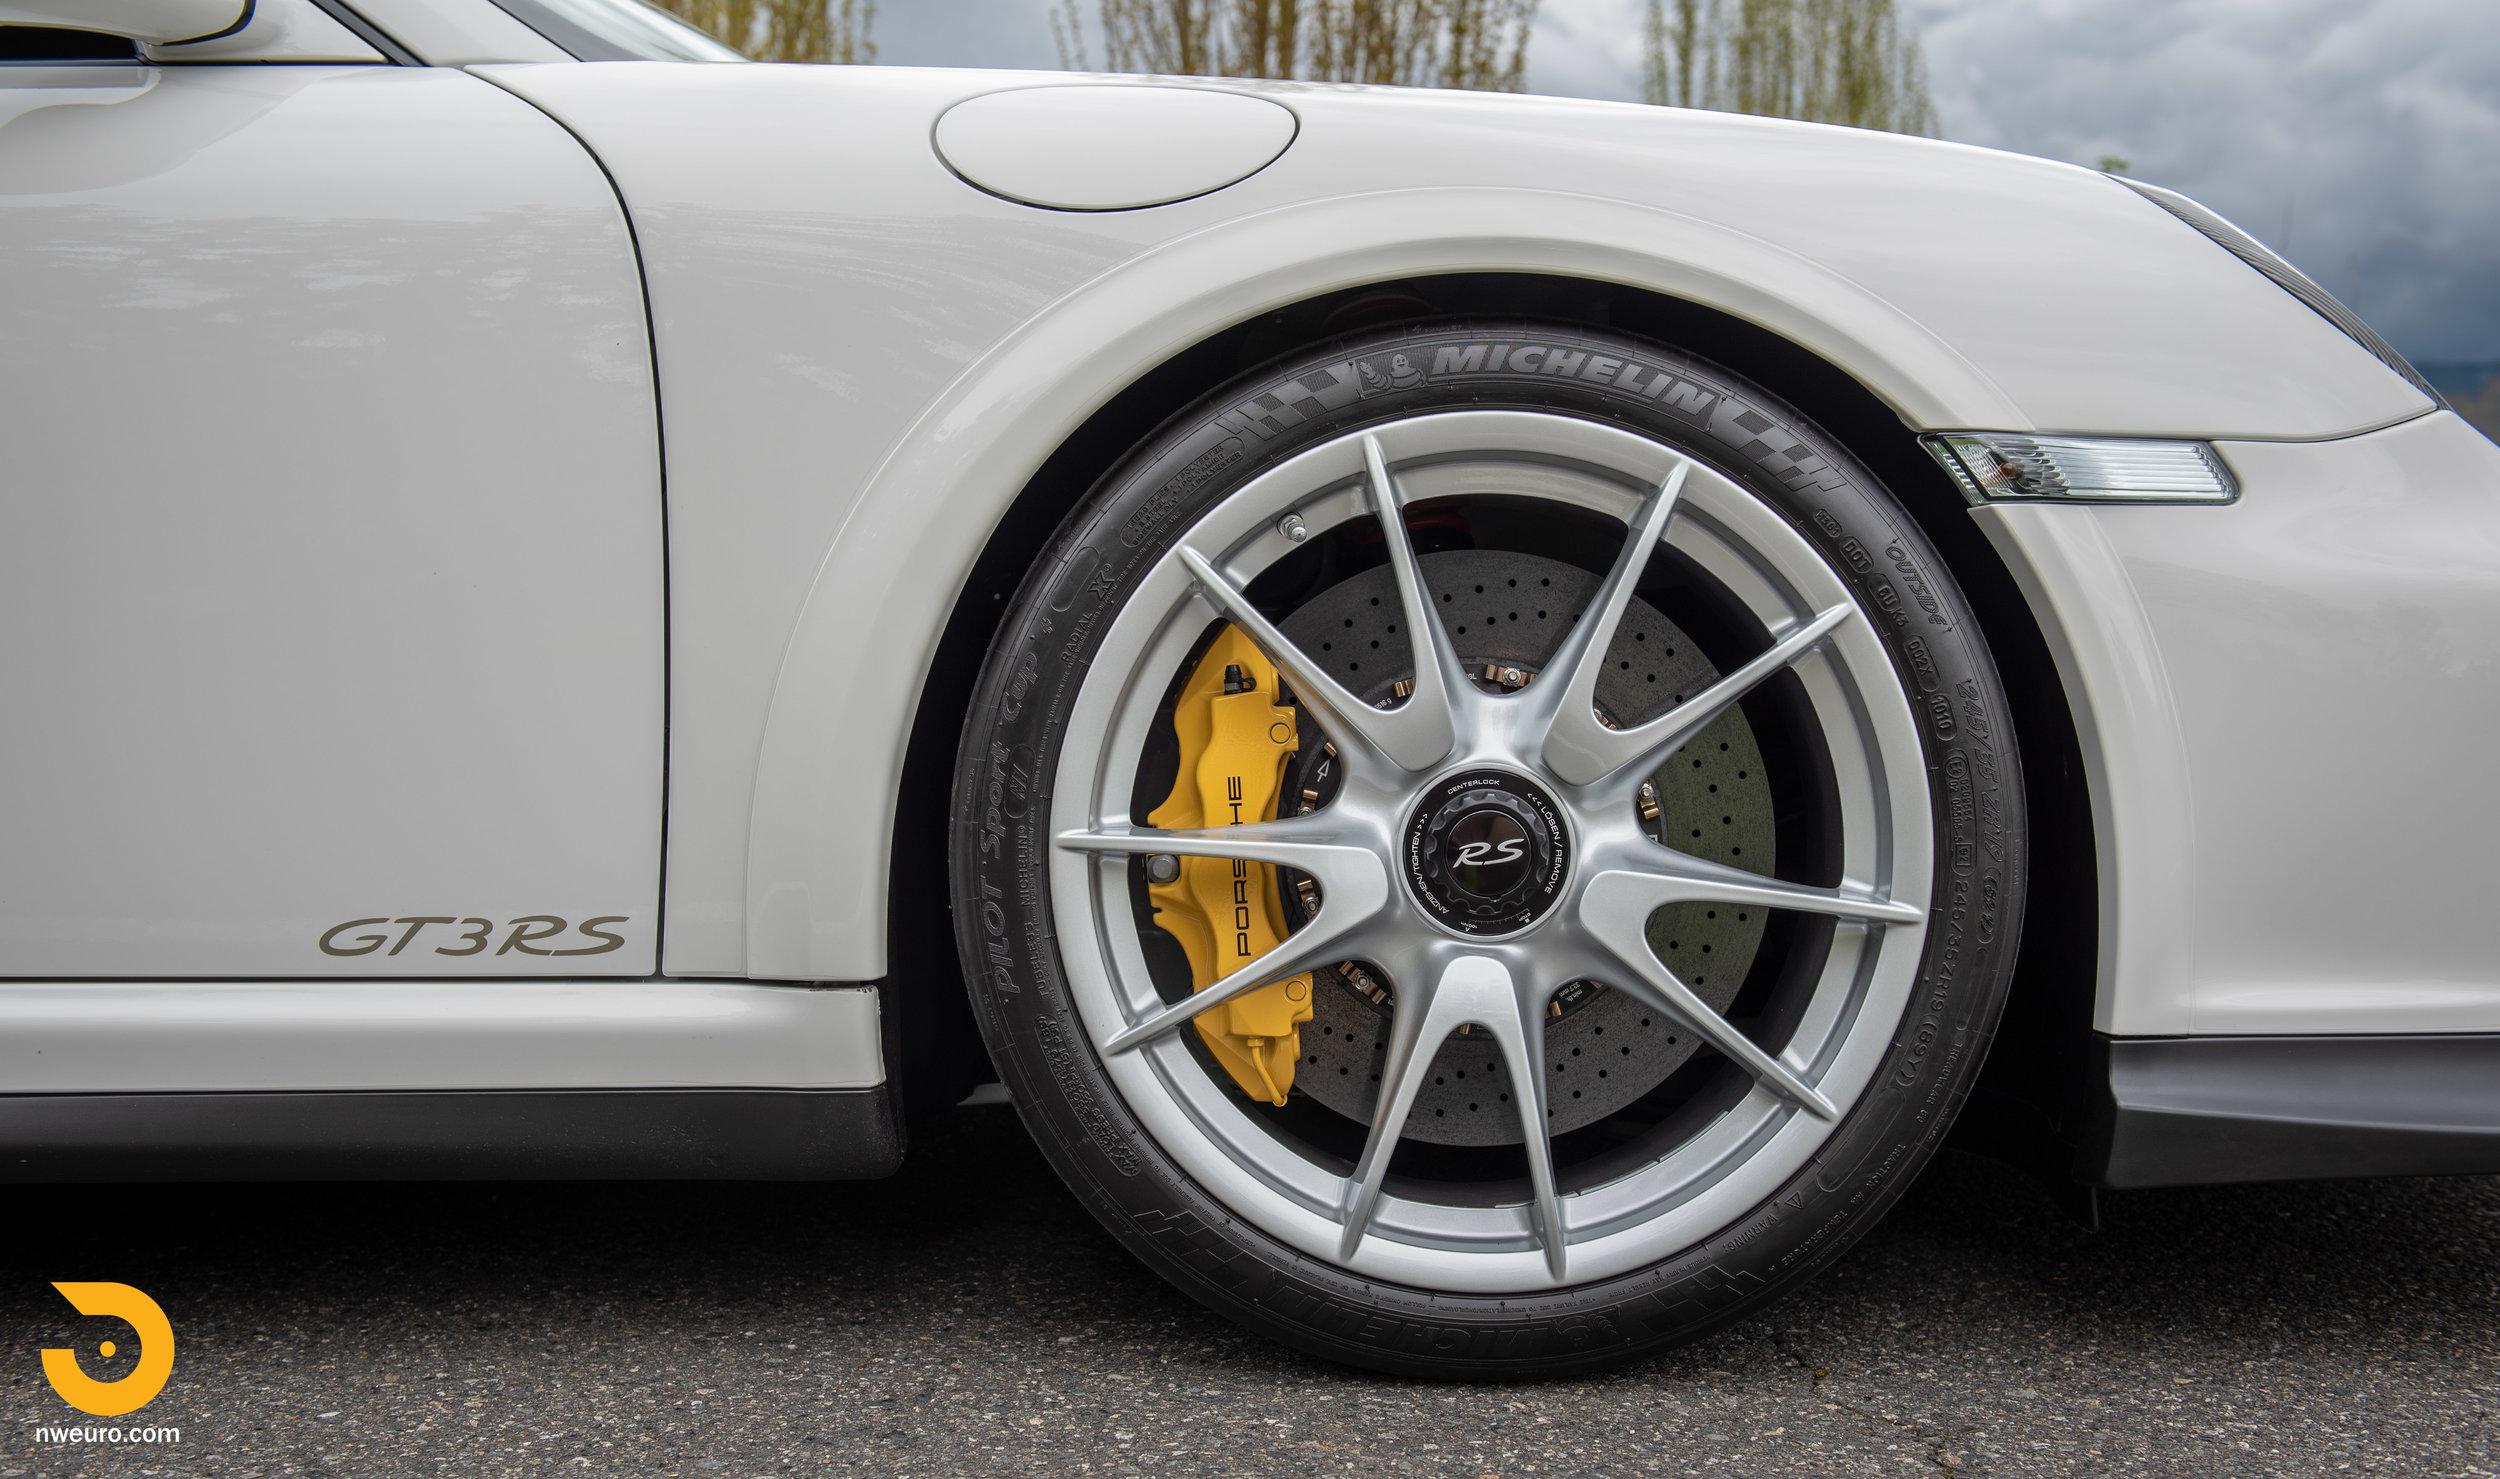 2011 Porsche GT3 RS-27.jpg